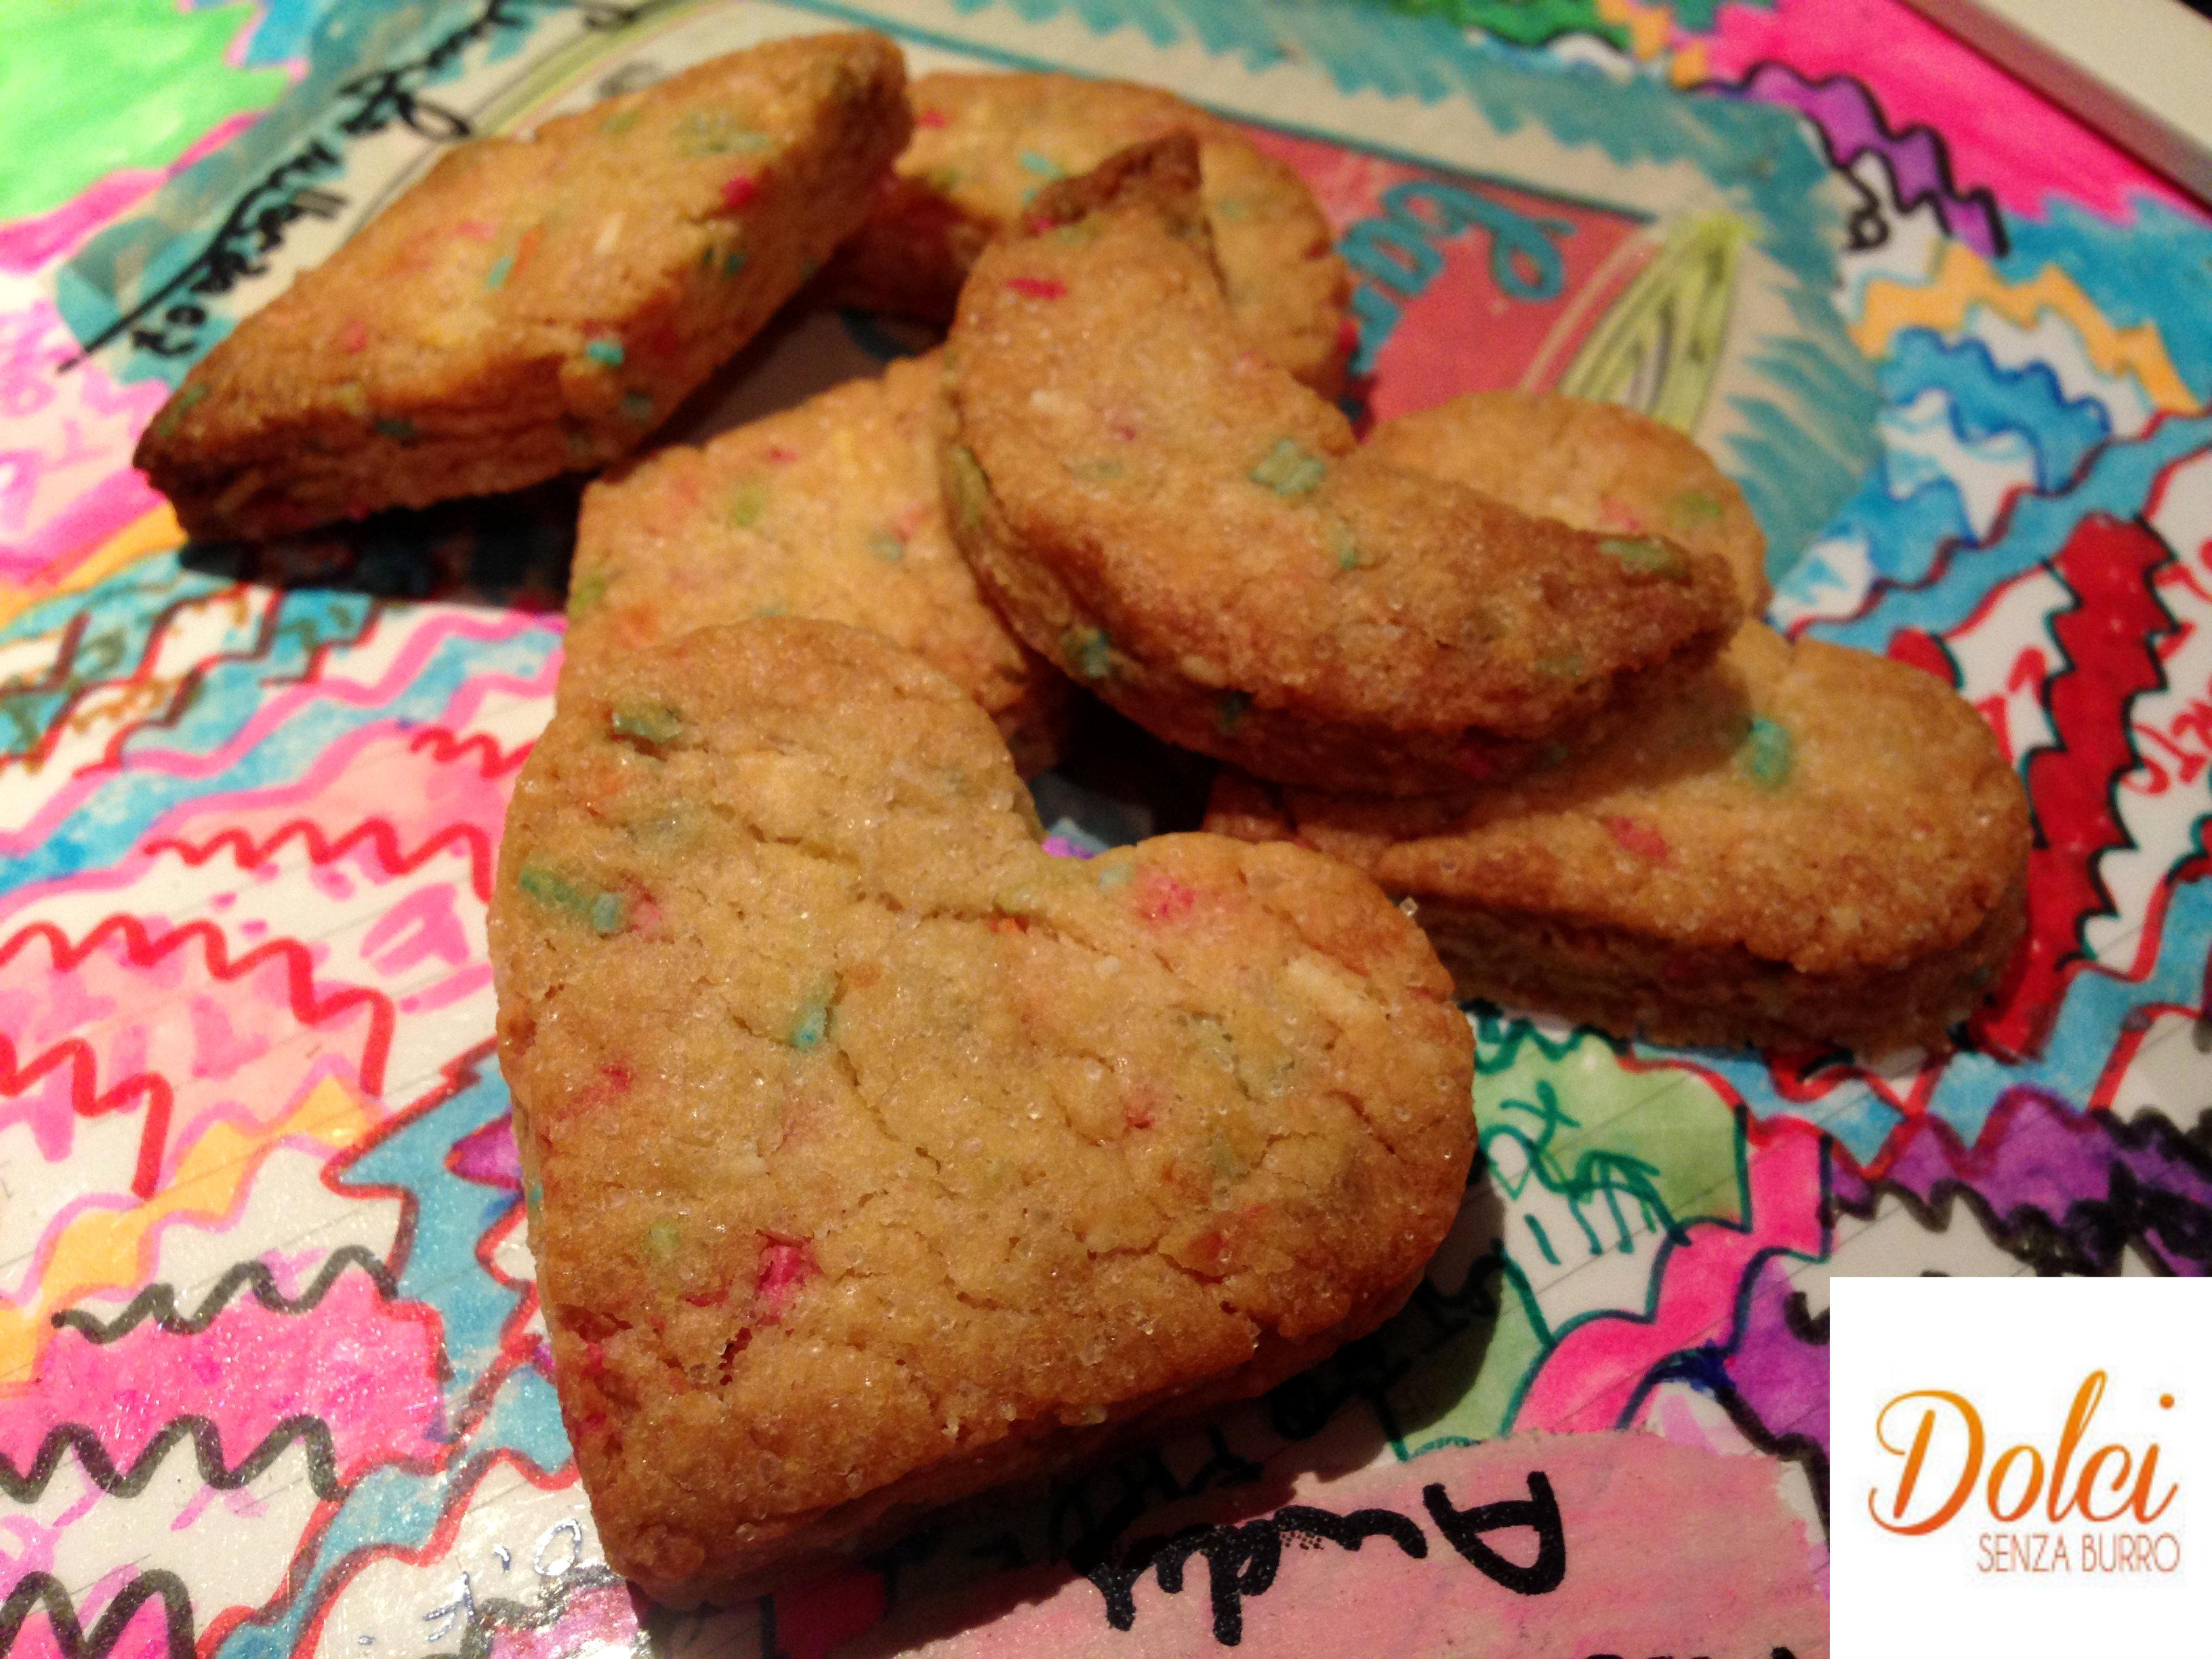 Biscotti di Carnevale Senza Burro, i biscotti senza lattosio di Dolci Senza Burro